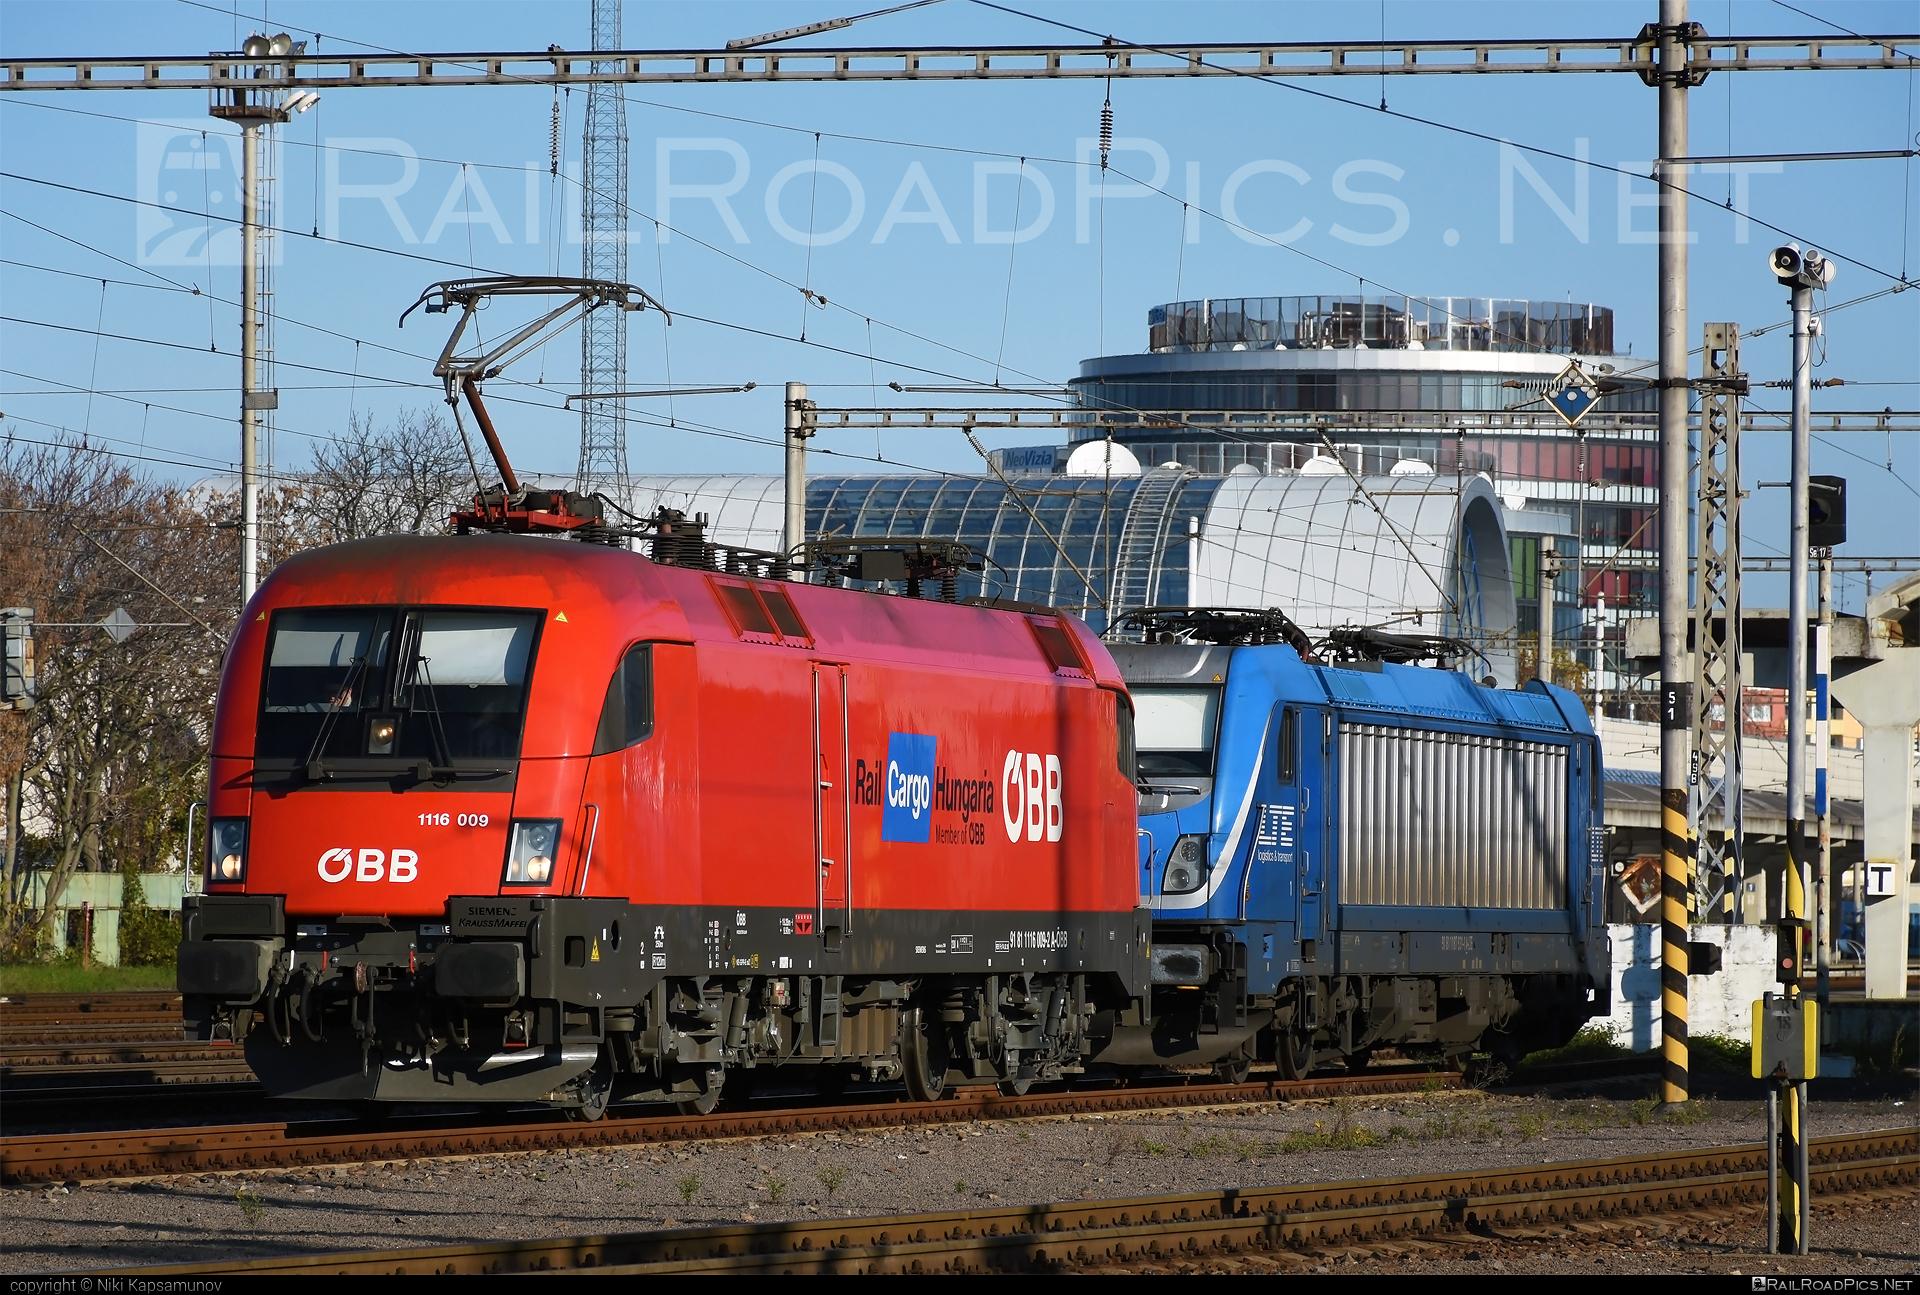 Siemens ES 64 U2 - 1116 009 operated by Rail Cargo Hungaria ZRt. #es64 #es64u #es64u2 #eurosprinter #obb #osterreichischebundesbahnen #rch #siemens #siemenses64 #siemenses64u #siemenses64u2 #siemenstaurus #taurus #tauruslocomotive